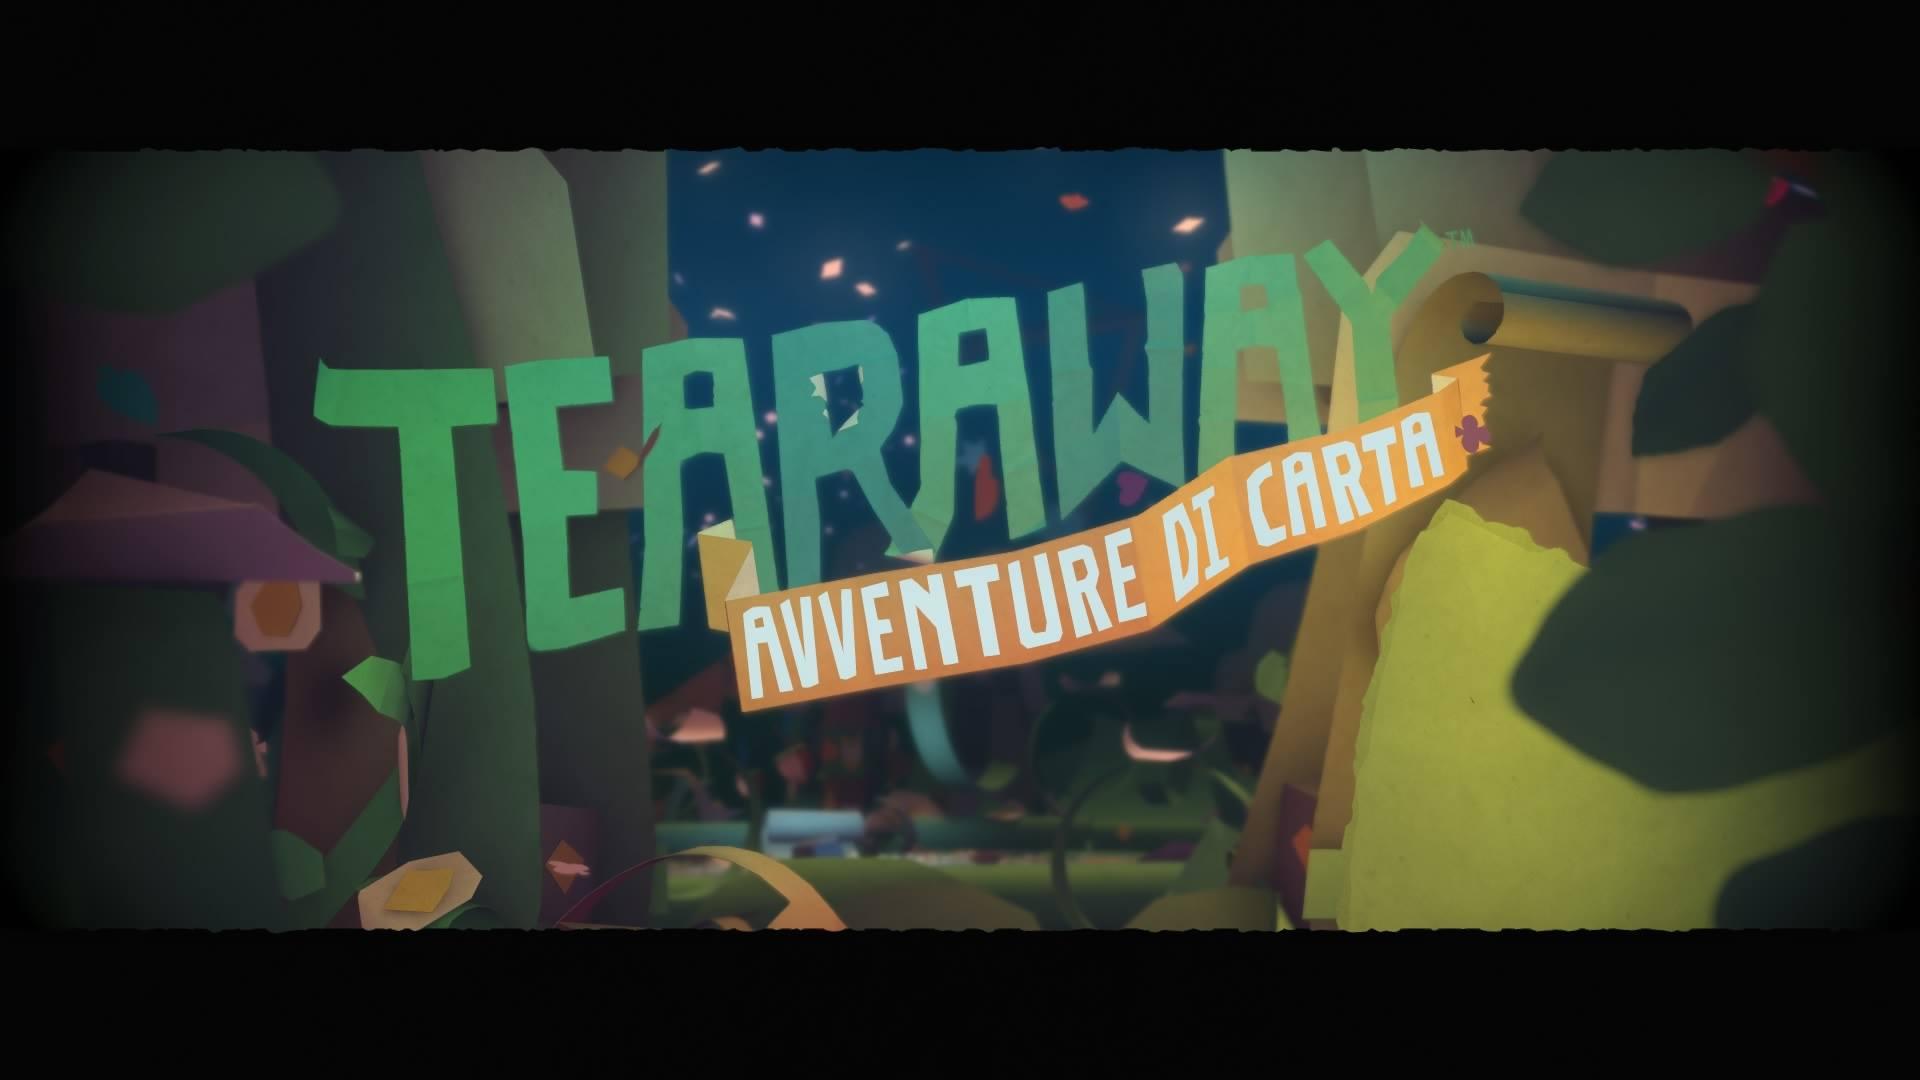 Tearaway: Avventure di carta – Beata fanciullezza.